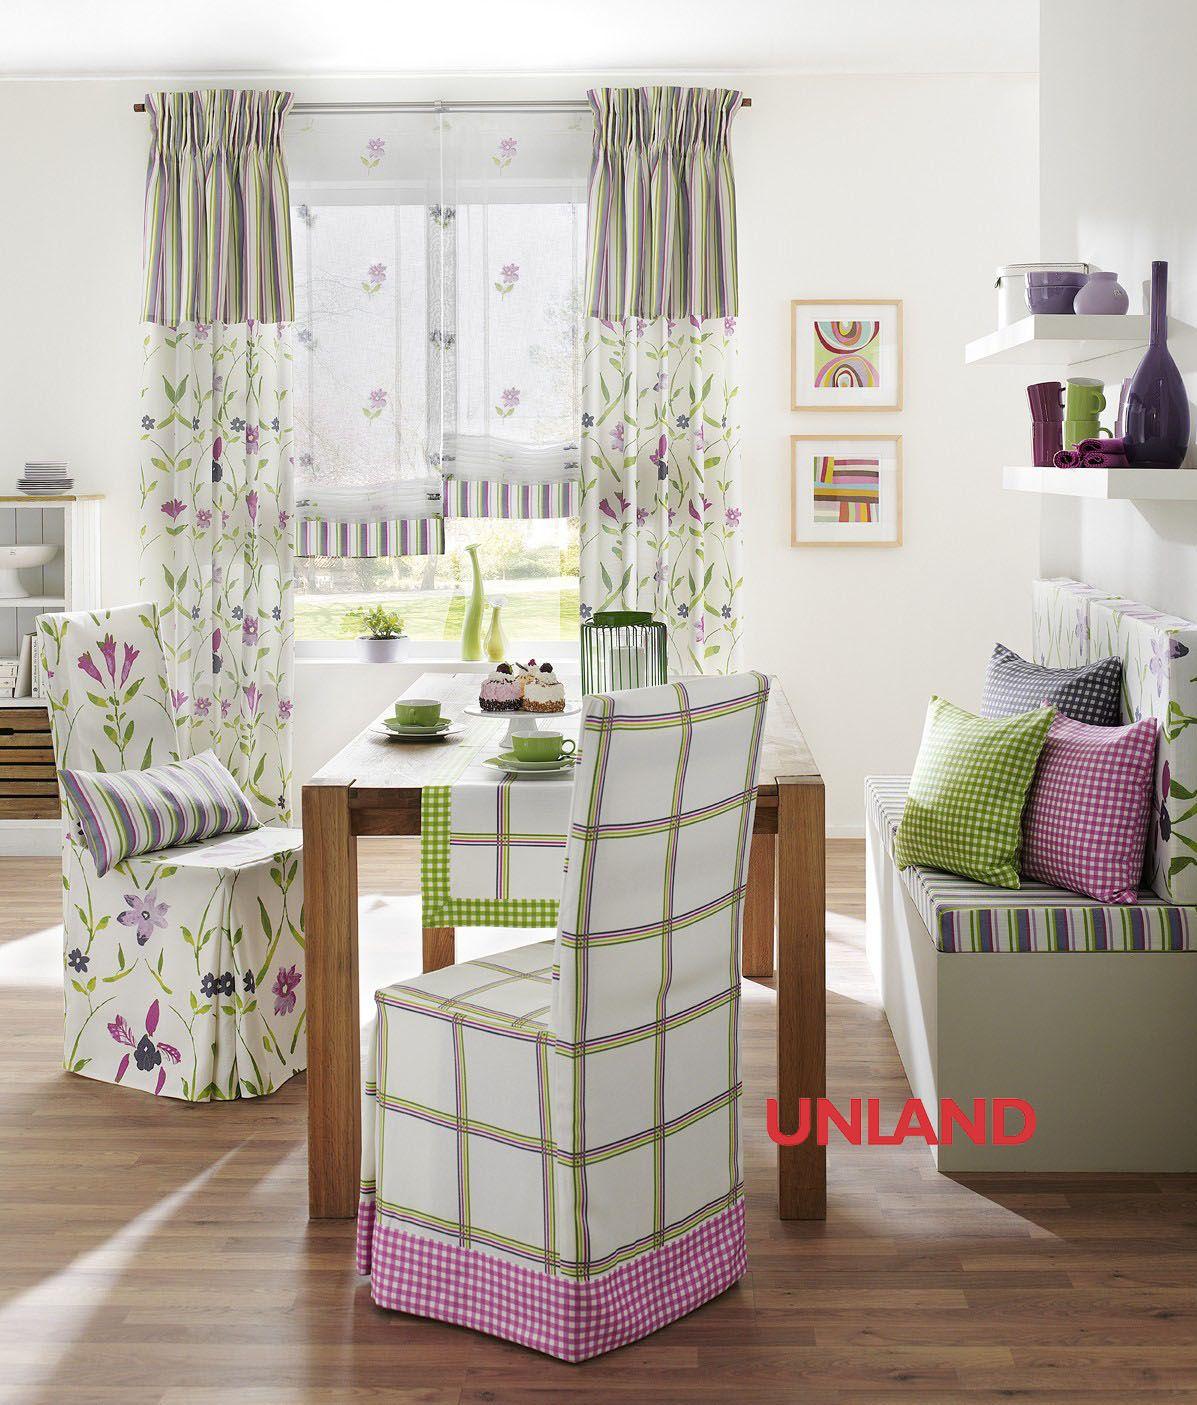 Fenster Gardinen Roller: Unland Landscape, Fensterideen, Vorhang, Gardinen Und